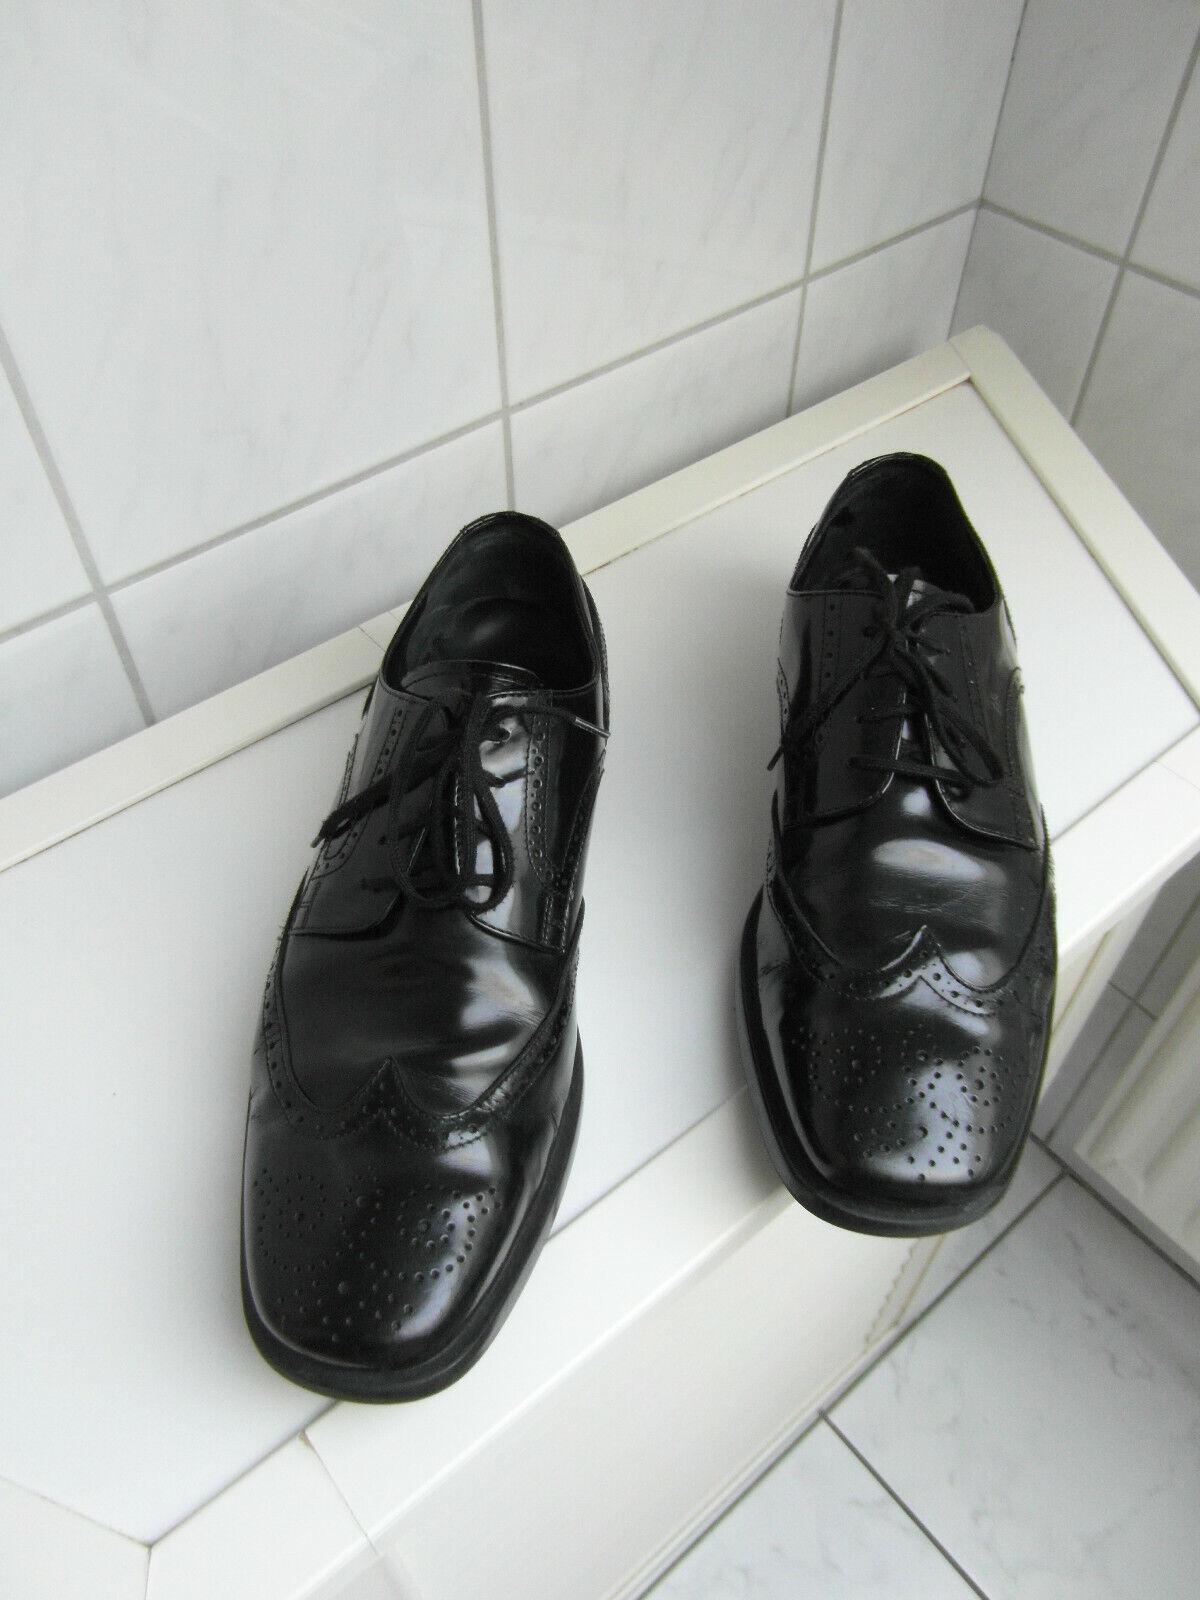 Herren Schuhe von Tods  Gr. 8